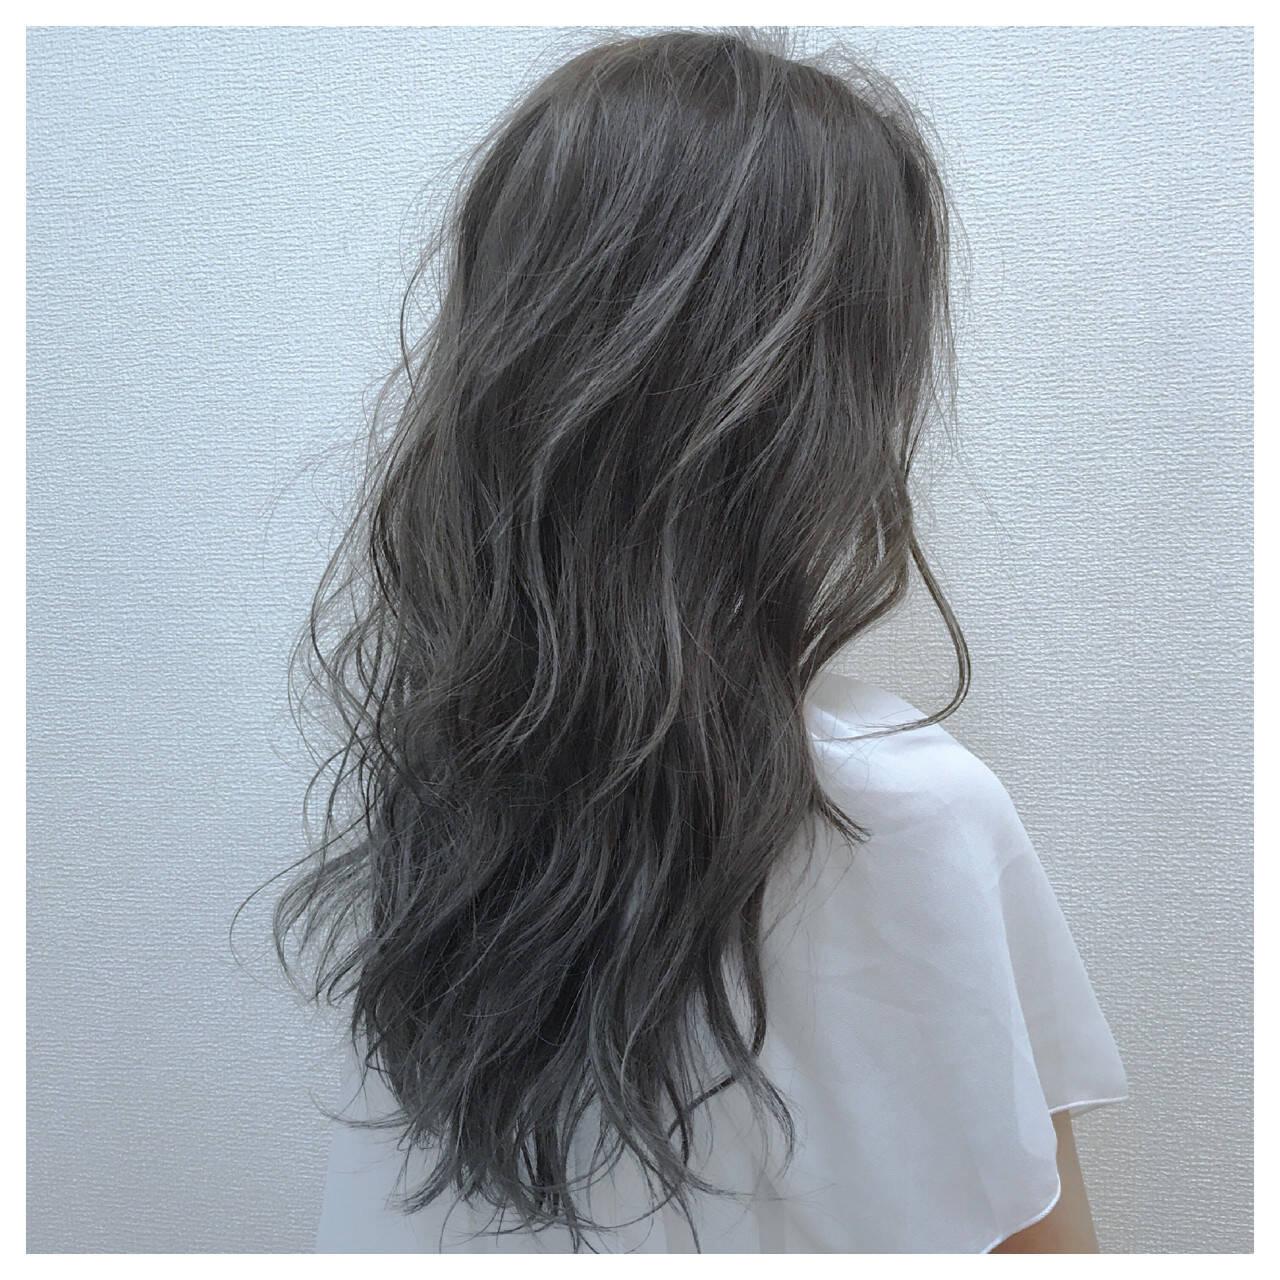 アンニュイ 雨の日 ウェーブ セミロングヘアスタイルや髪型の写真・画像